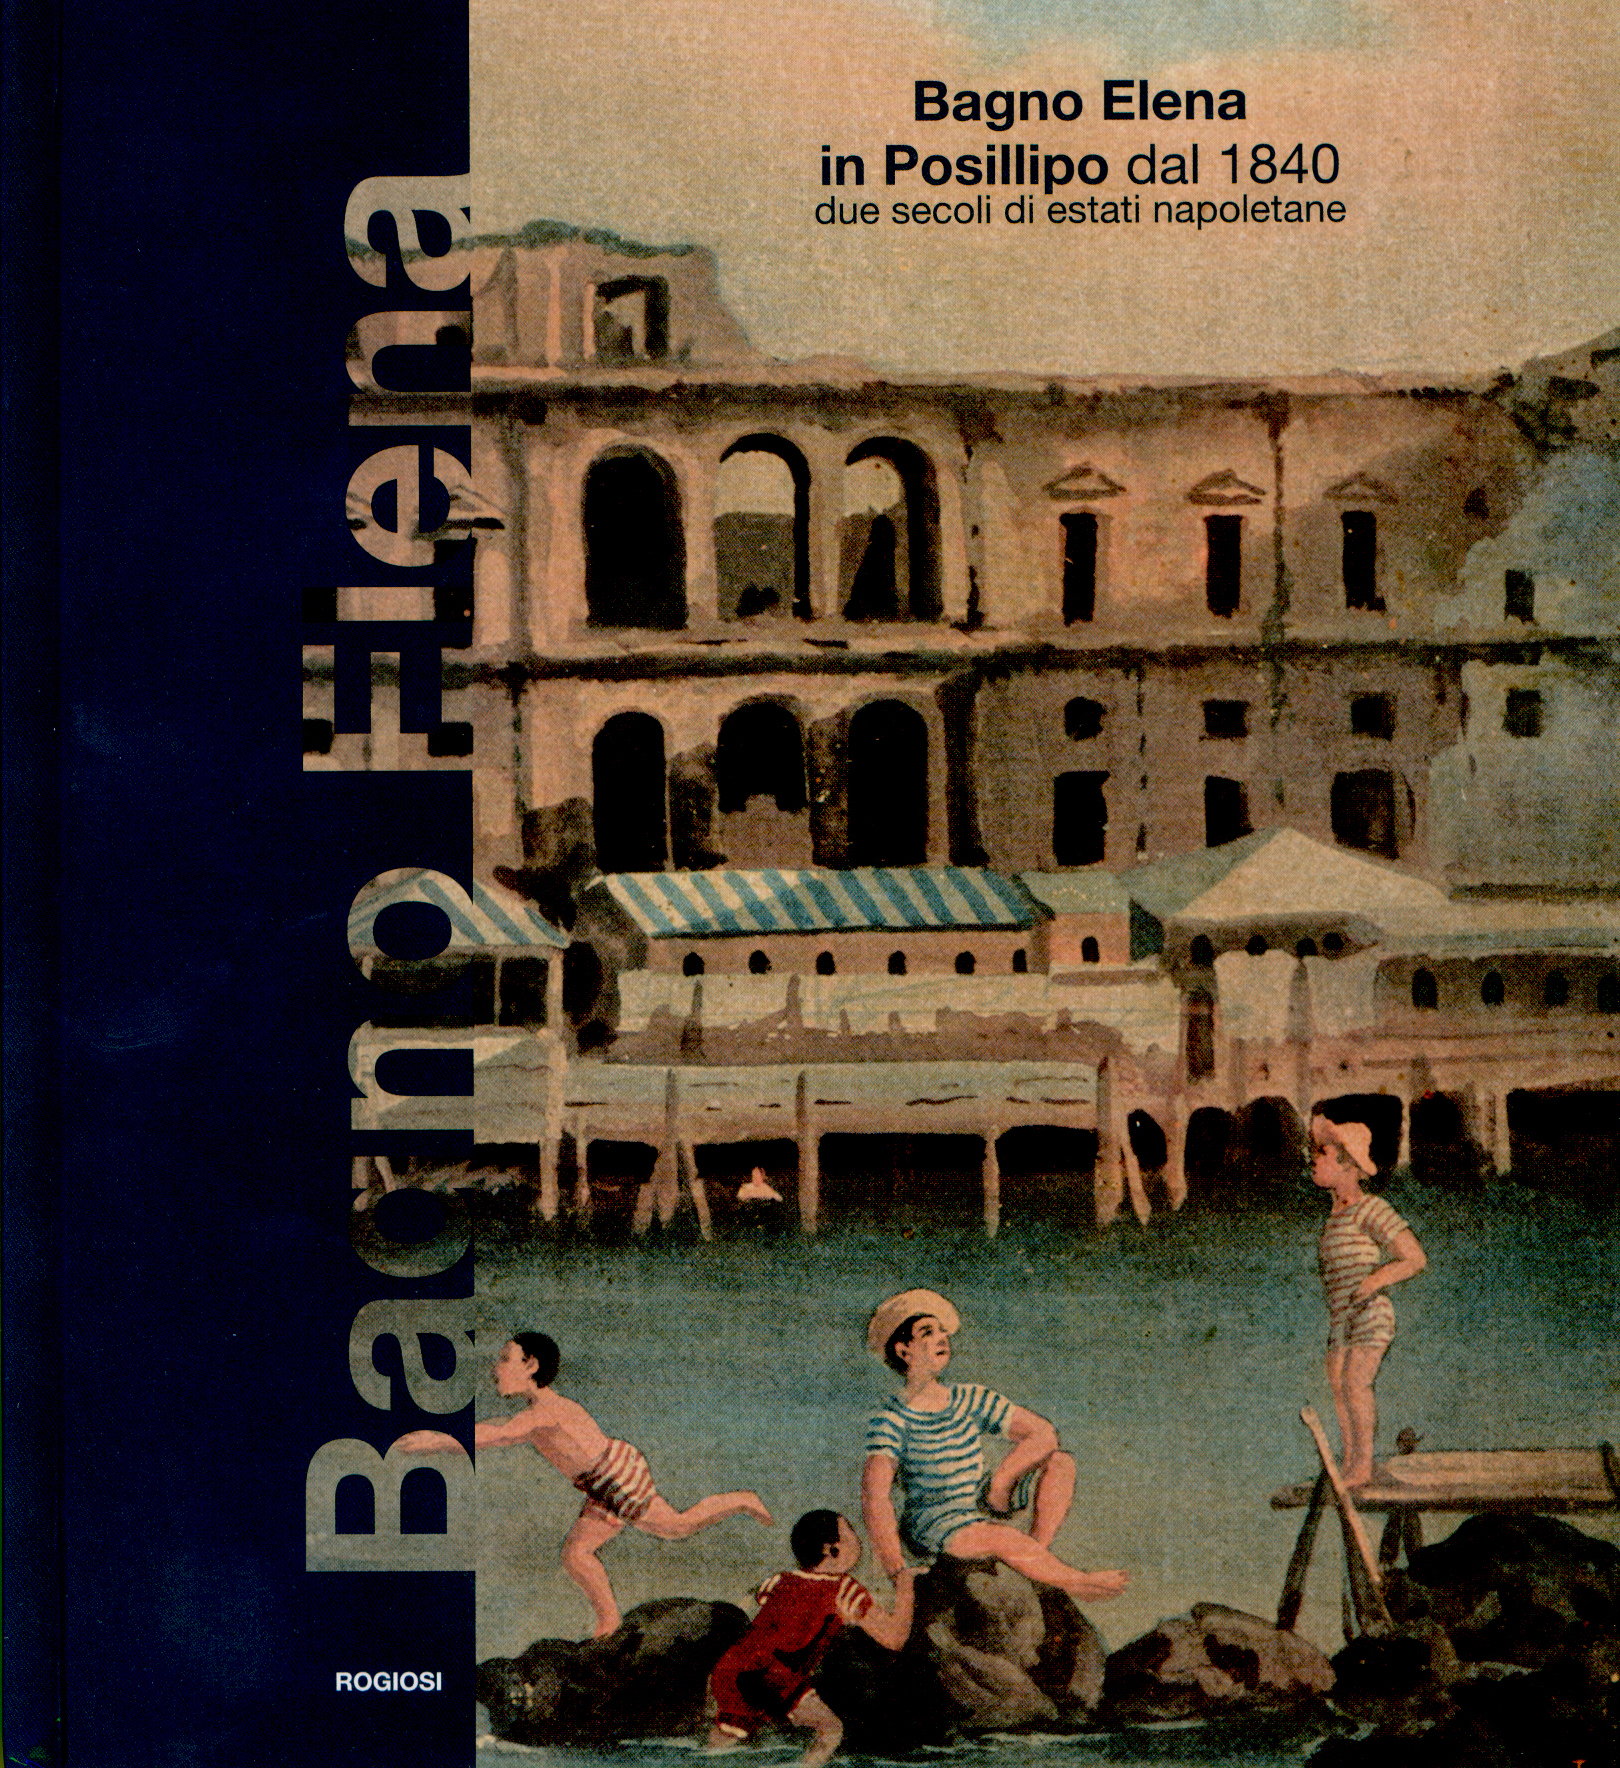 Fondazione mediterraneo bagno elena in posillipo dal 1840 - Bagno elena posillipo ...